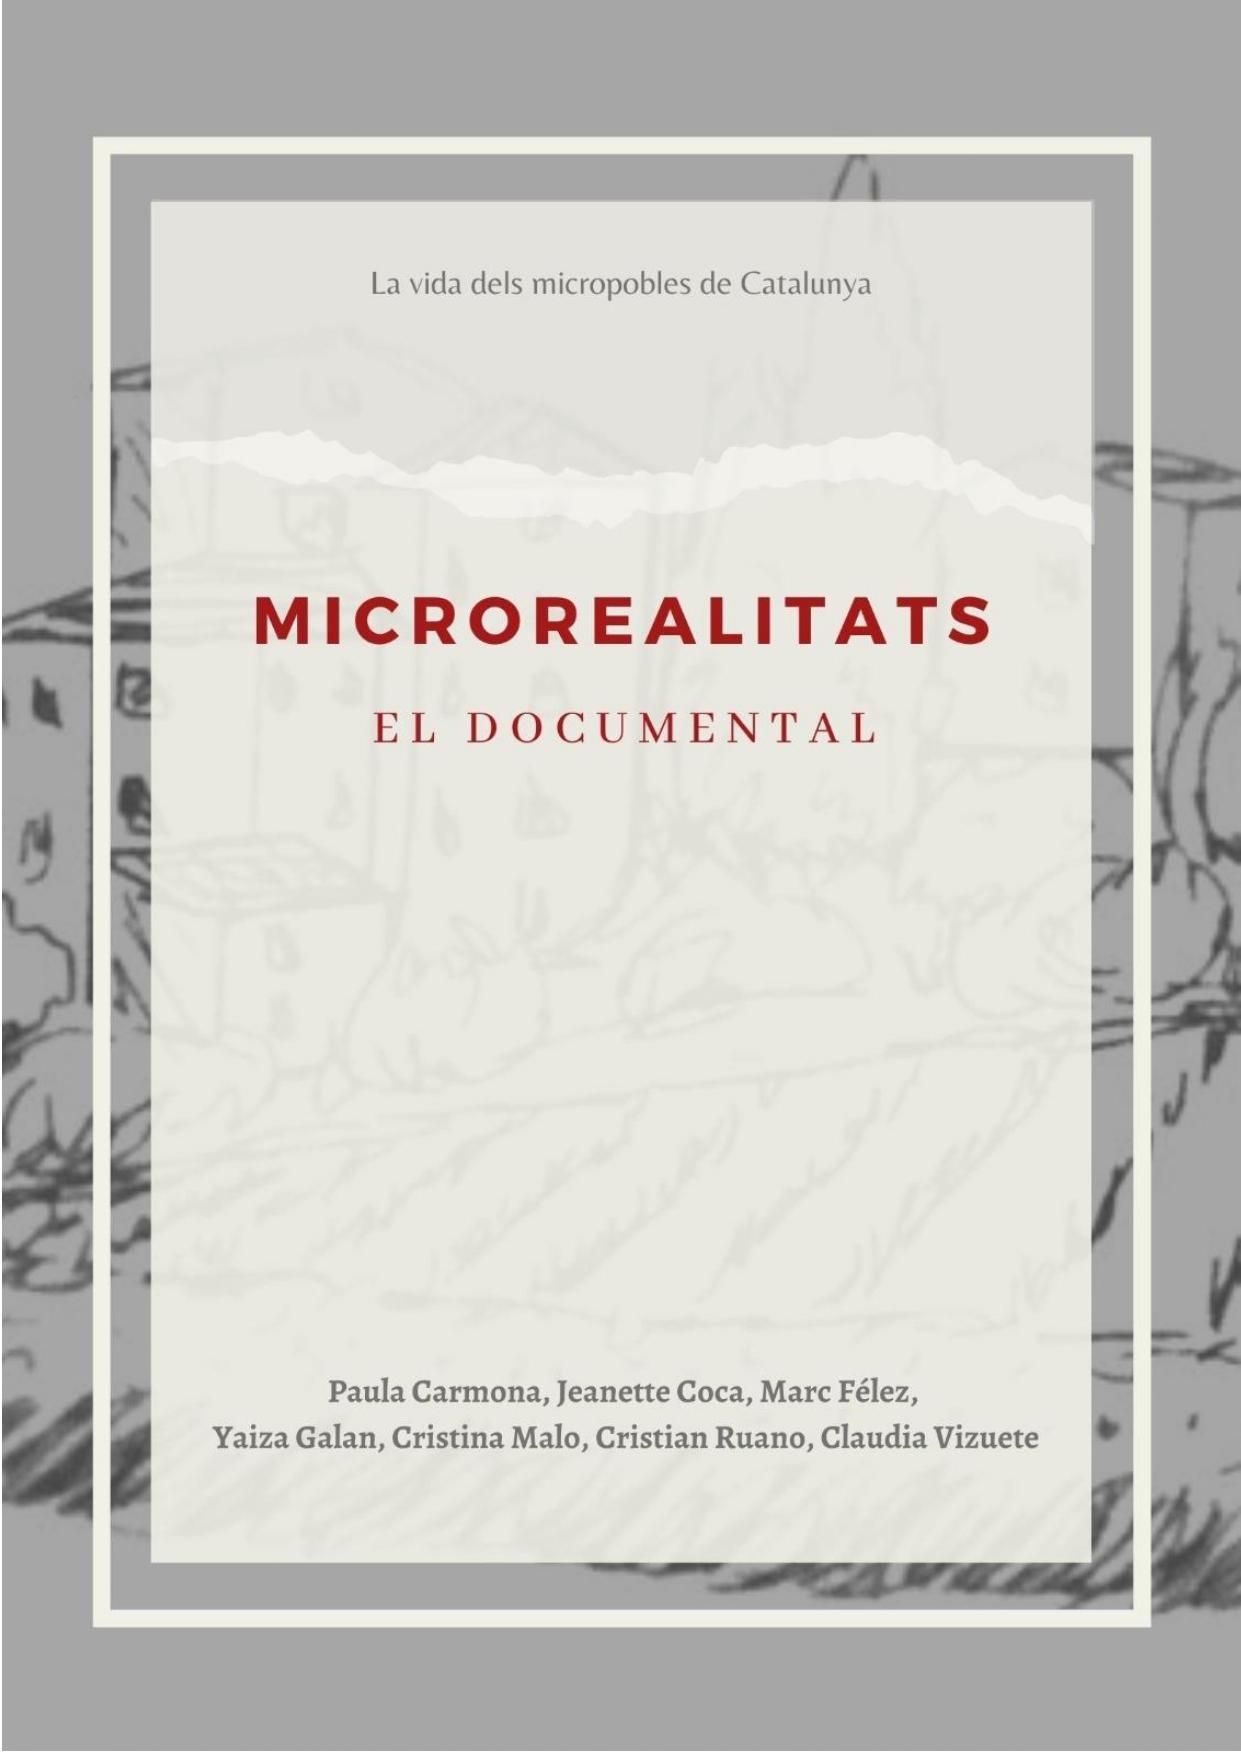 'MICROREALITATS', EL PROJECTE GUANYADOR DEL DOCS COOPERANTS 2020